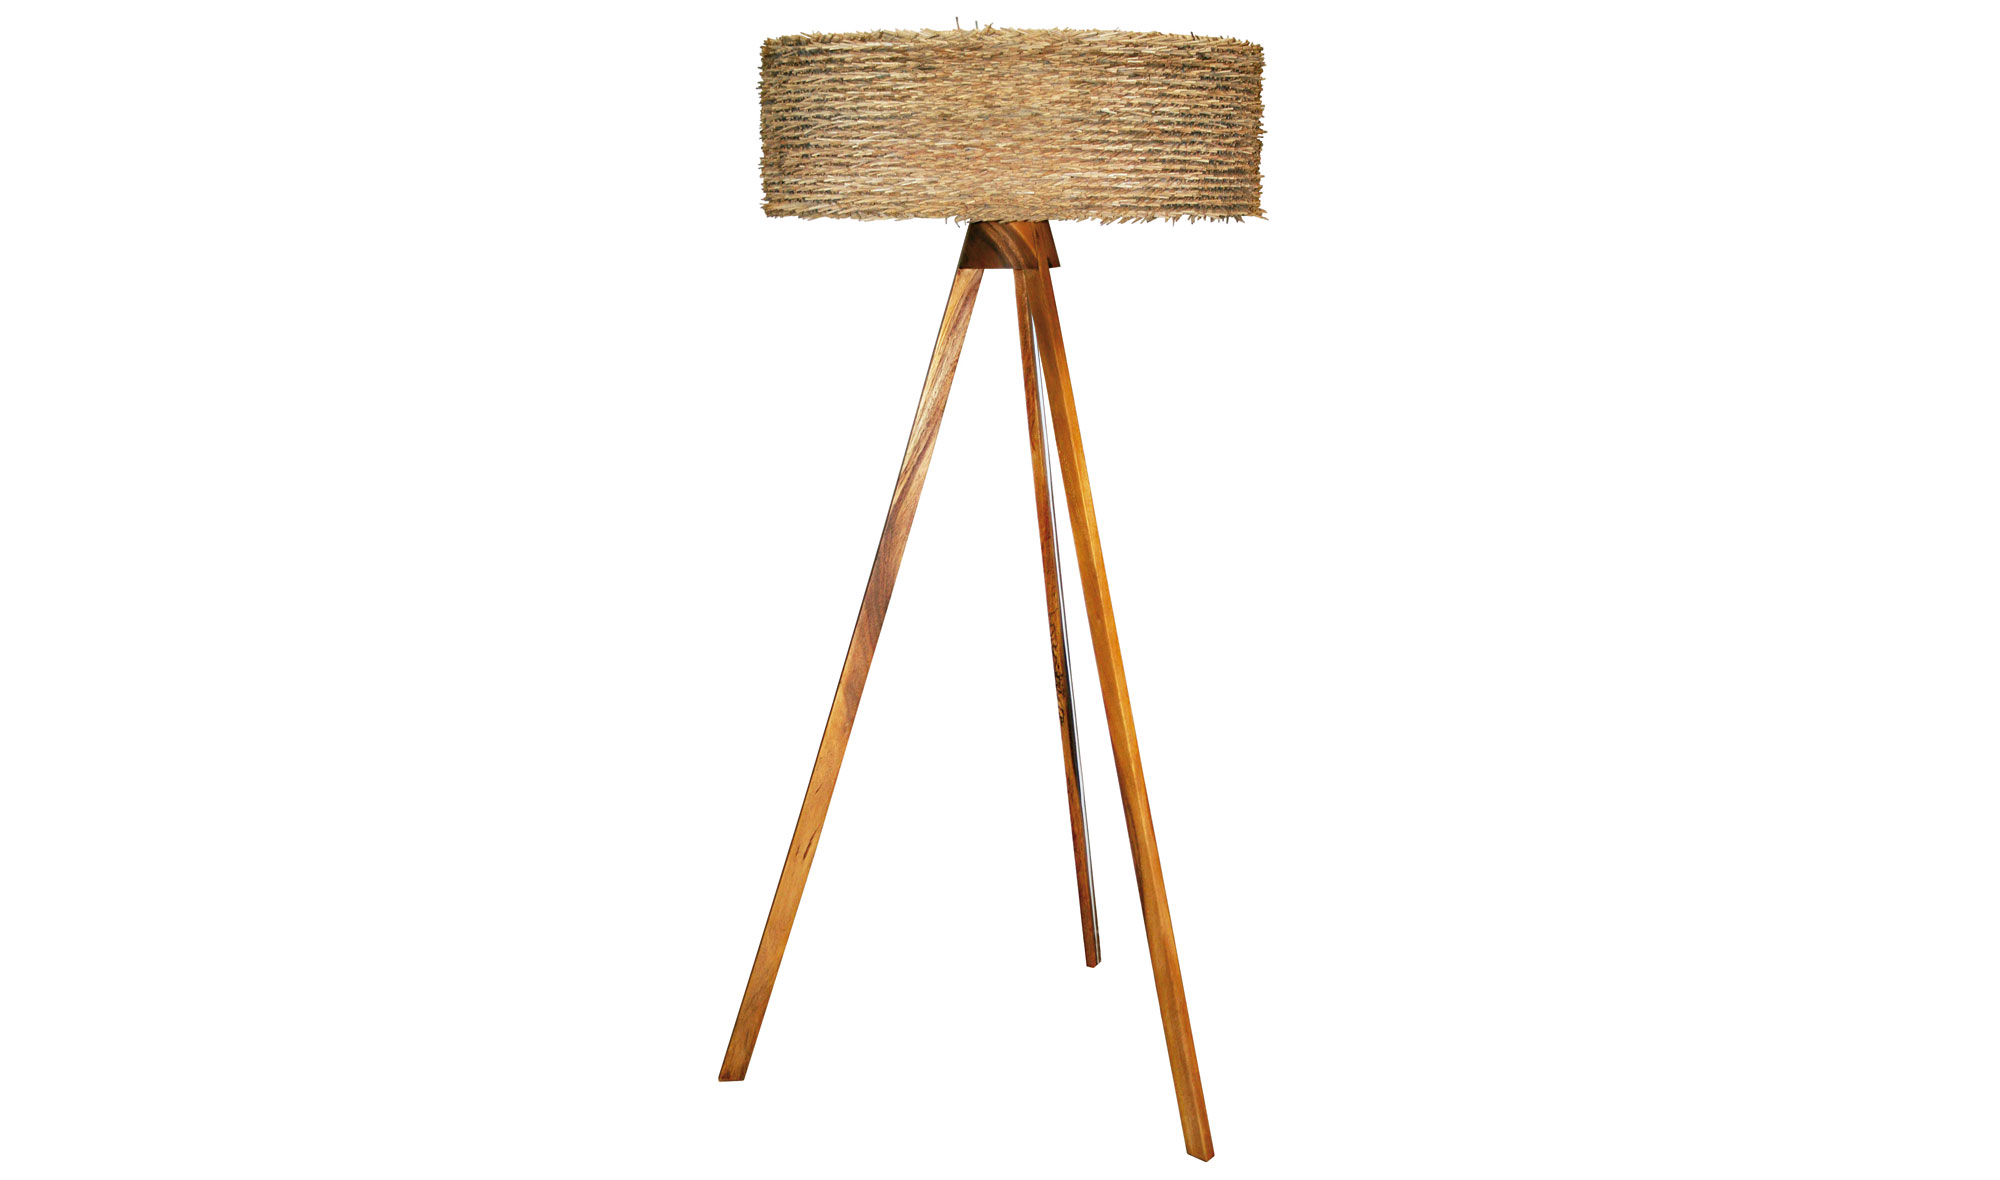 Muebles Martin Peñasco:  Lámpara de pie vintage Hela - Lámparas de Pie - Iluminación